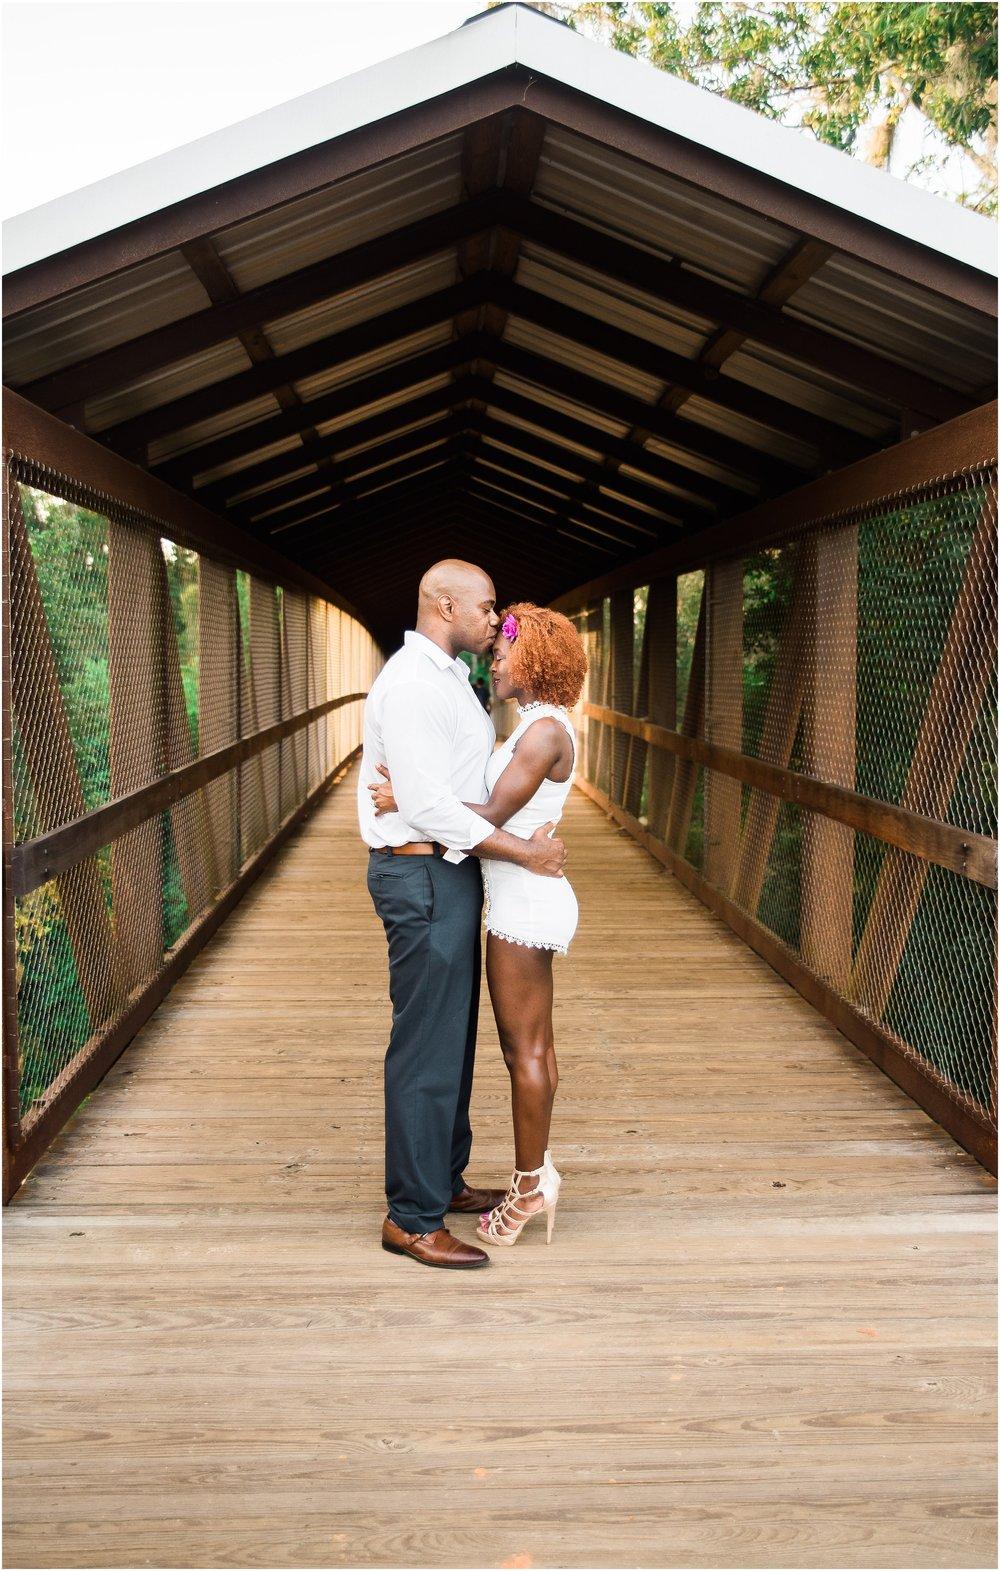 Kacy & Rolanda Vow Renewal at J.R Alford Greenway, Tallahassee FL_0008.jpg